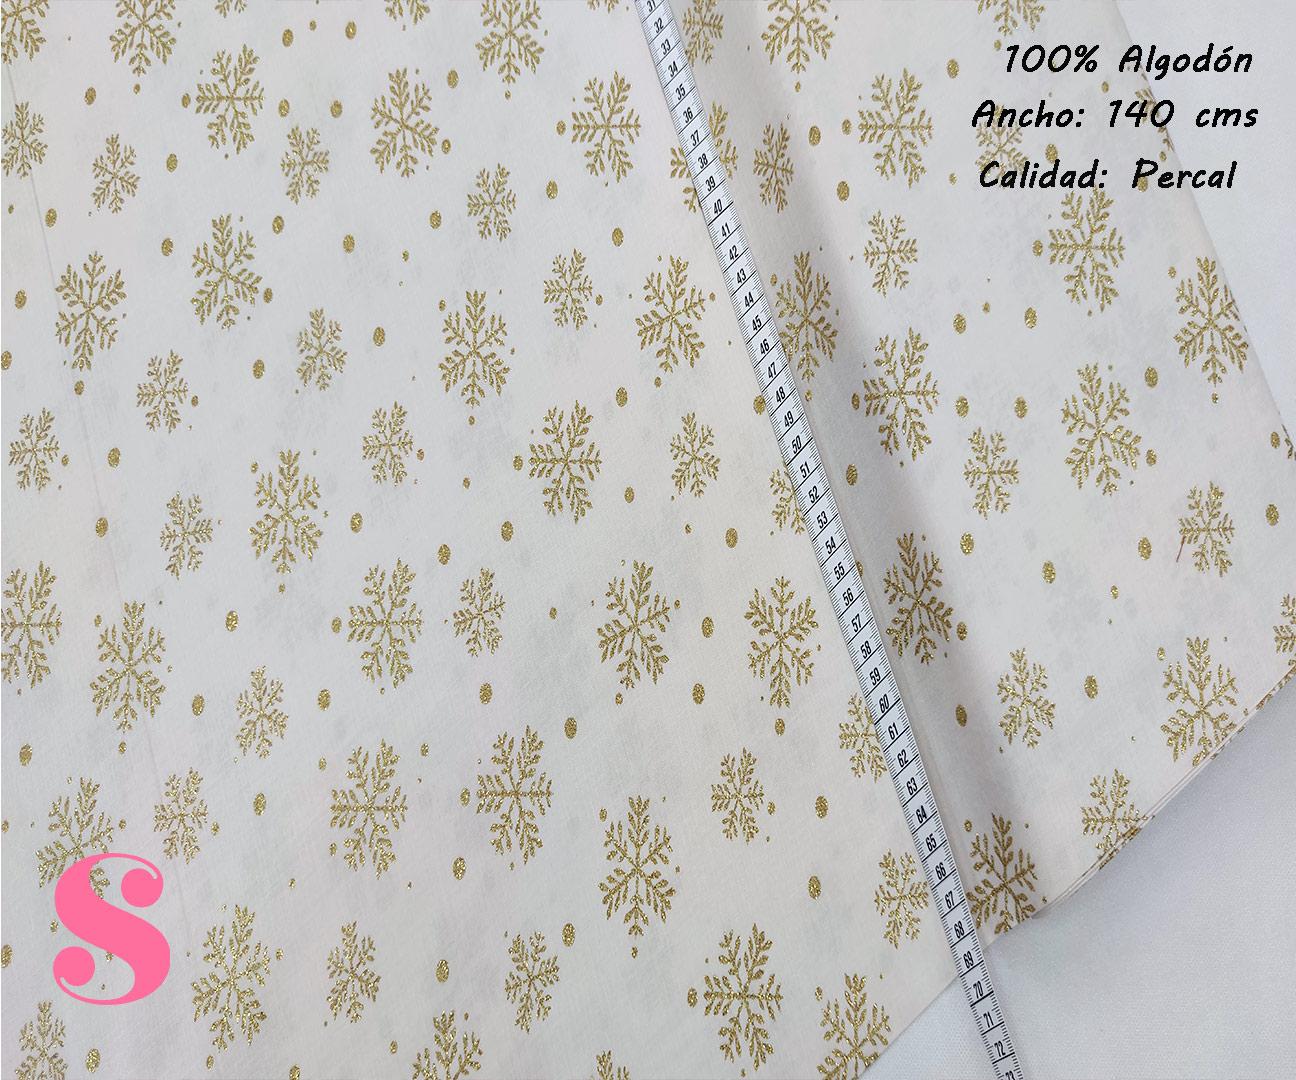 N6-copos-dorados-fondo-blanco-navidad-papa-noel-otoño-cenas-manteleria-decoracion-tejidos-algodón-estampado-percal,Tejido Estampado Copos de Nieve Dorados fondo Crudo